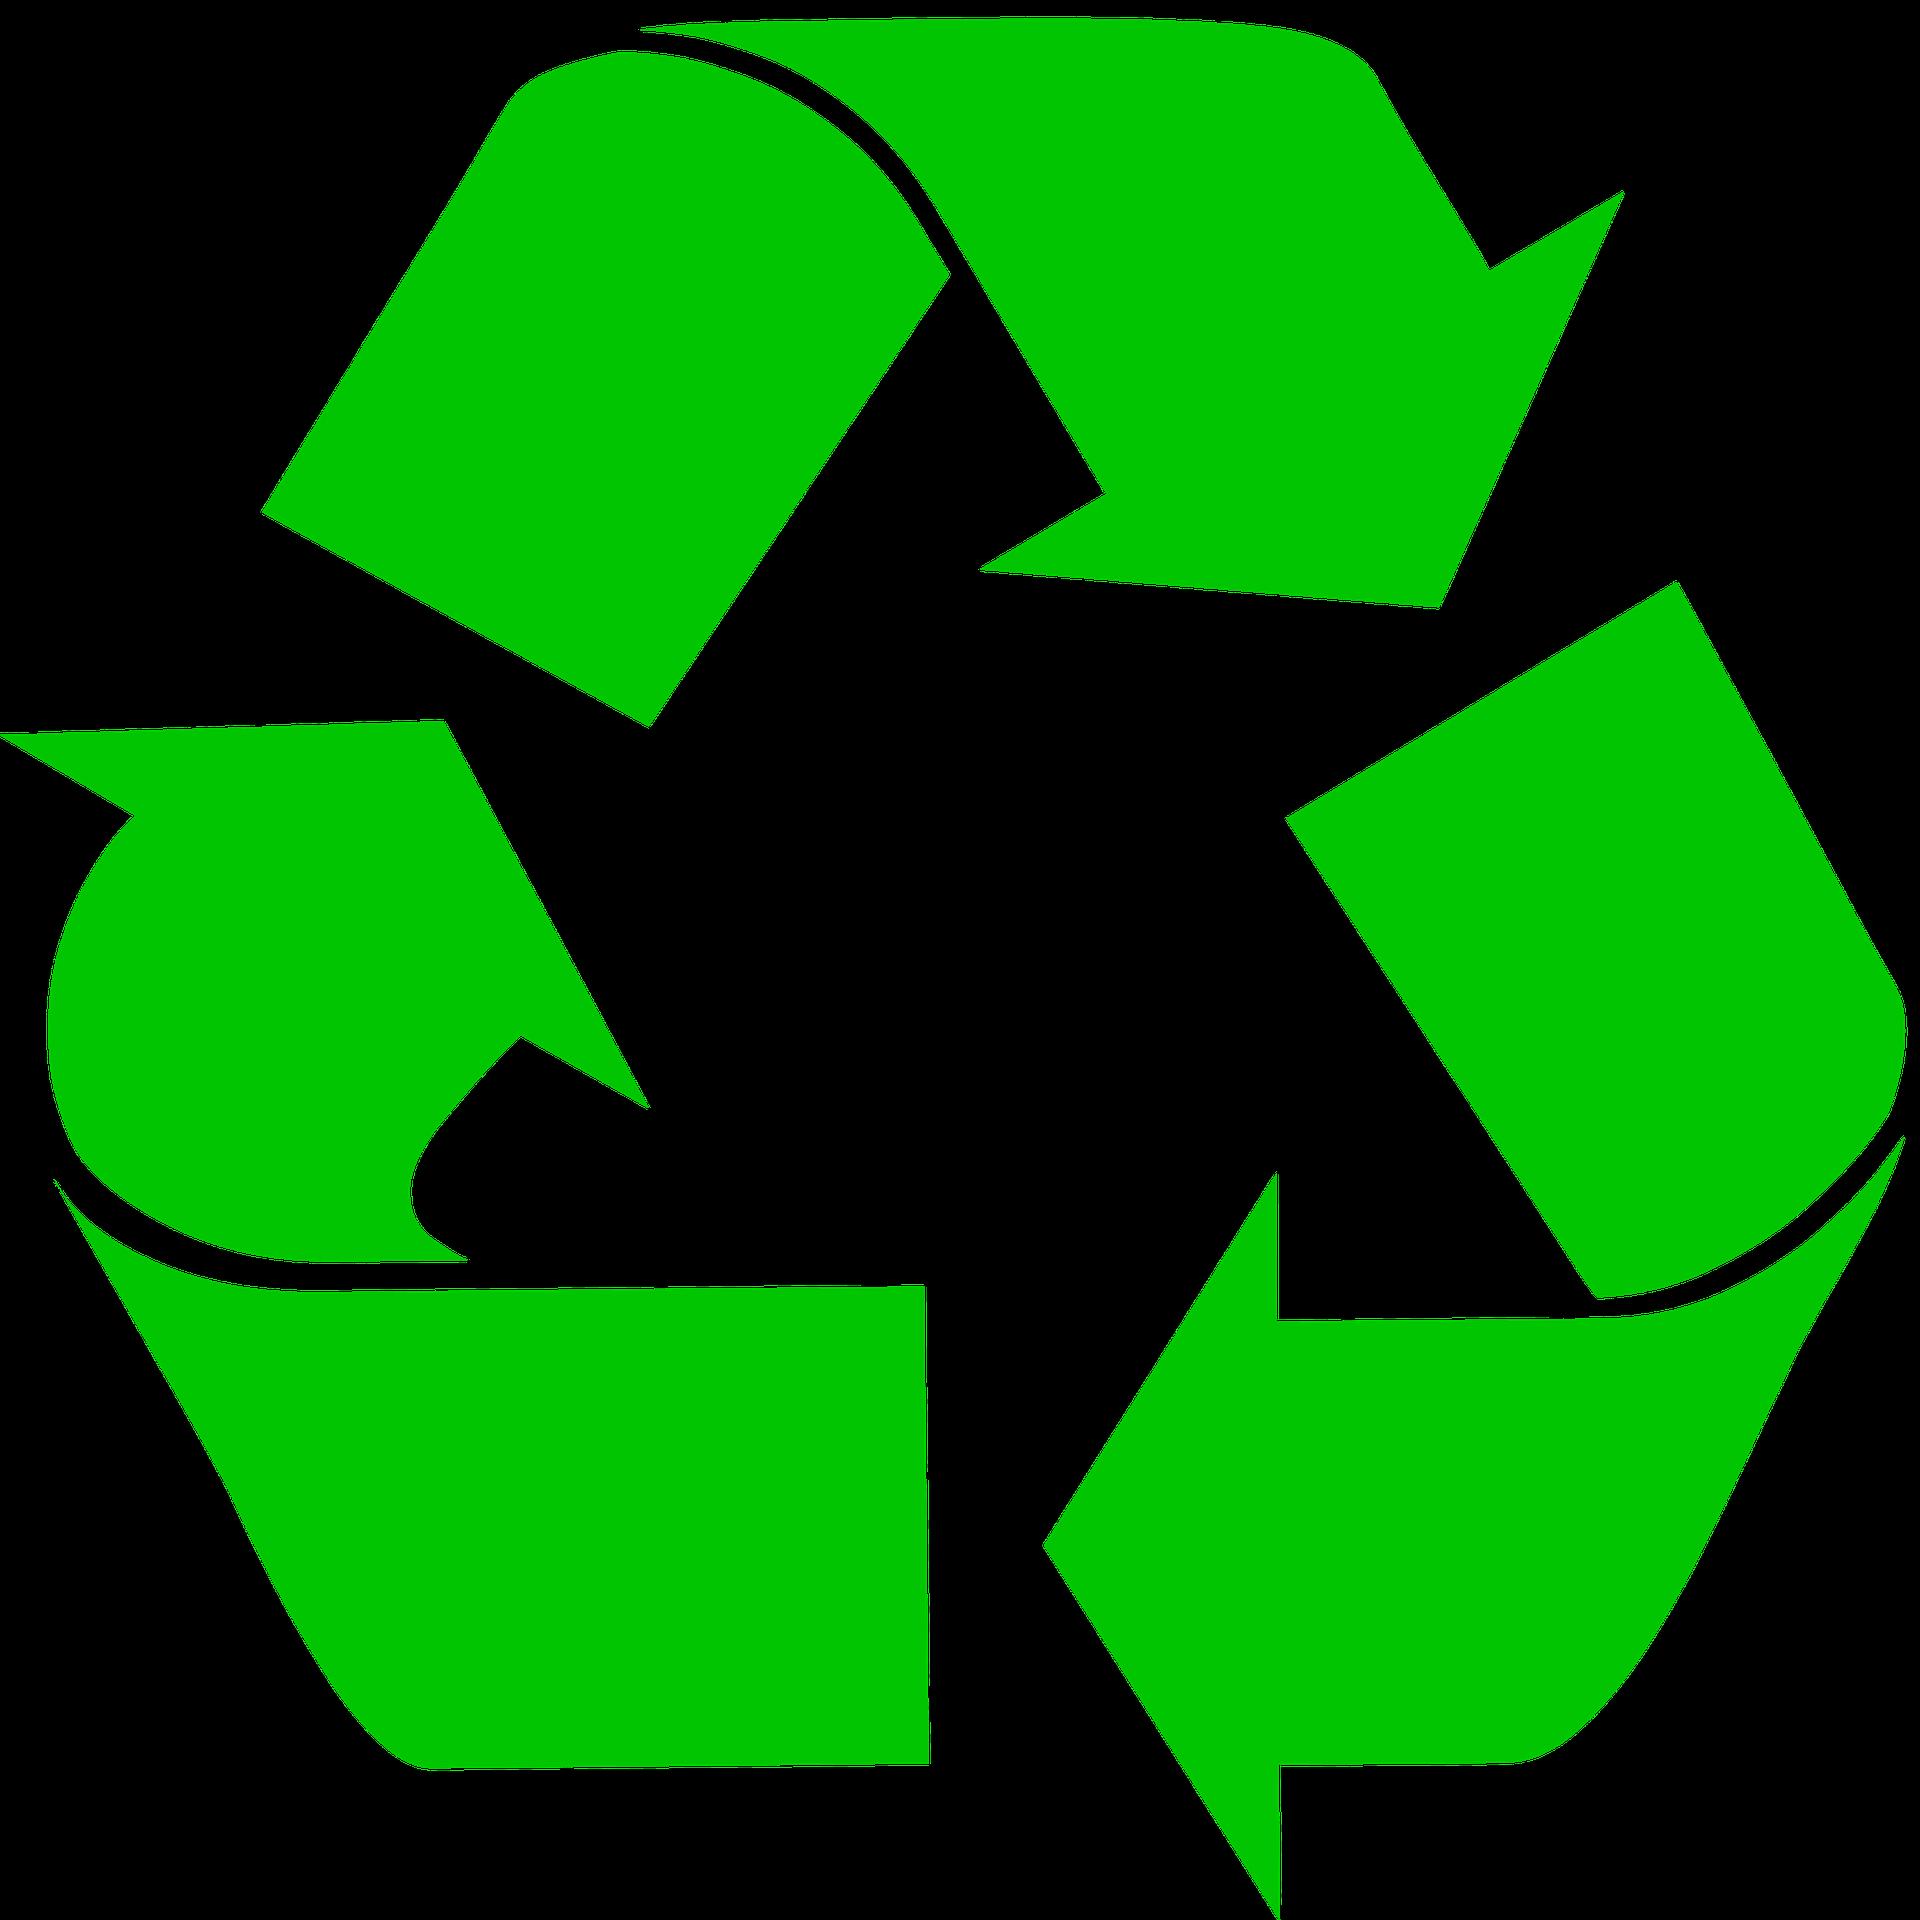 Třídění a výkup papíru, plastů, skla a kovů má smysl